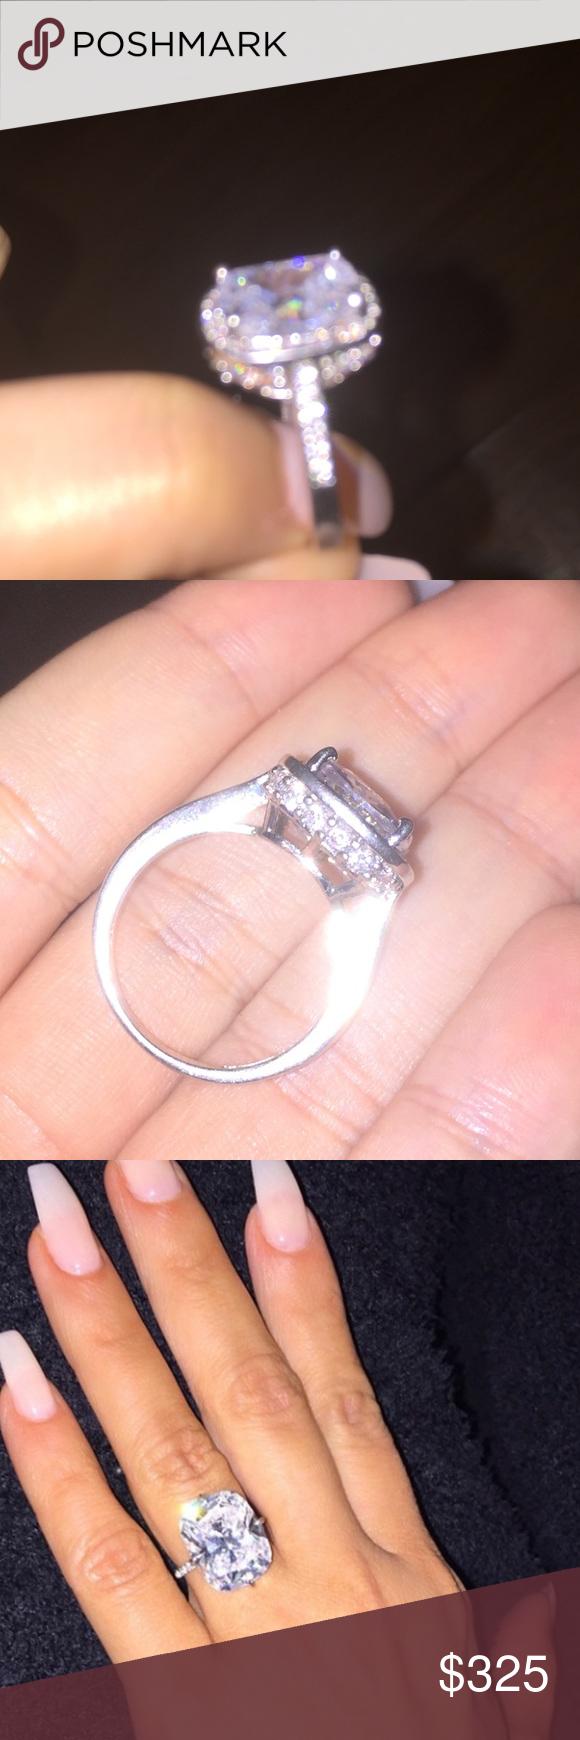 14K white gold Engagement Ring Kim K Inspired New Engagement Ring ...